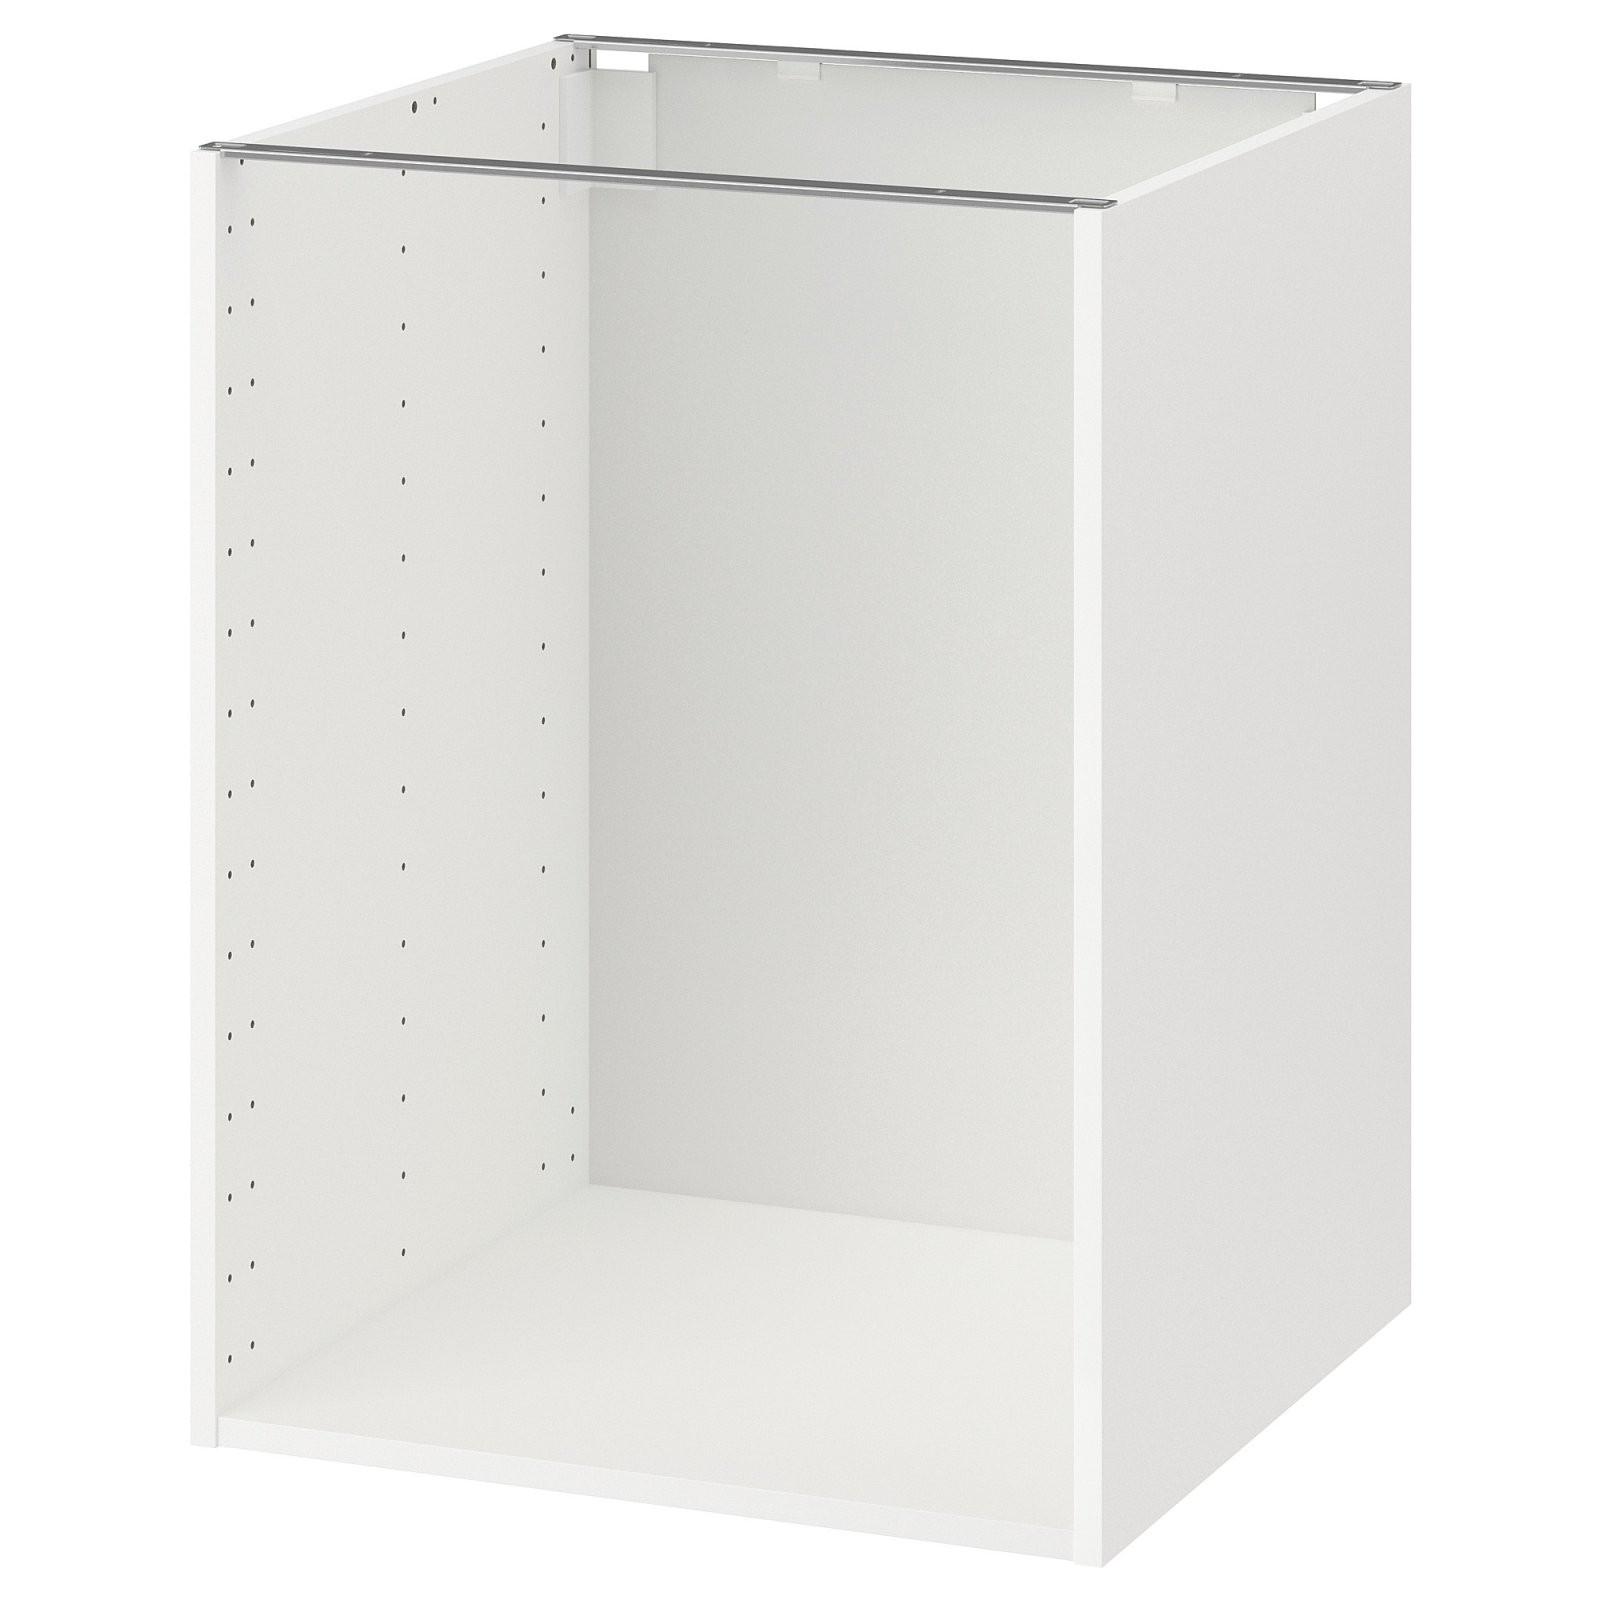 Metod Korpus Unterschrank  Weiß  Ikea von Schrank 60 Cm Breit Ikea Photo